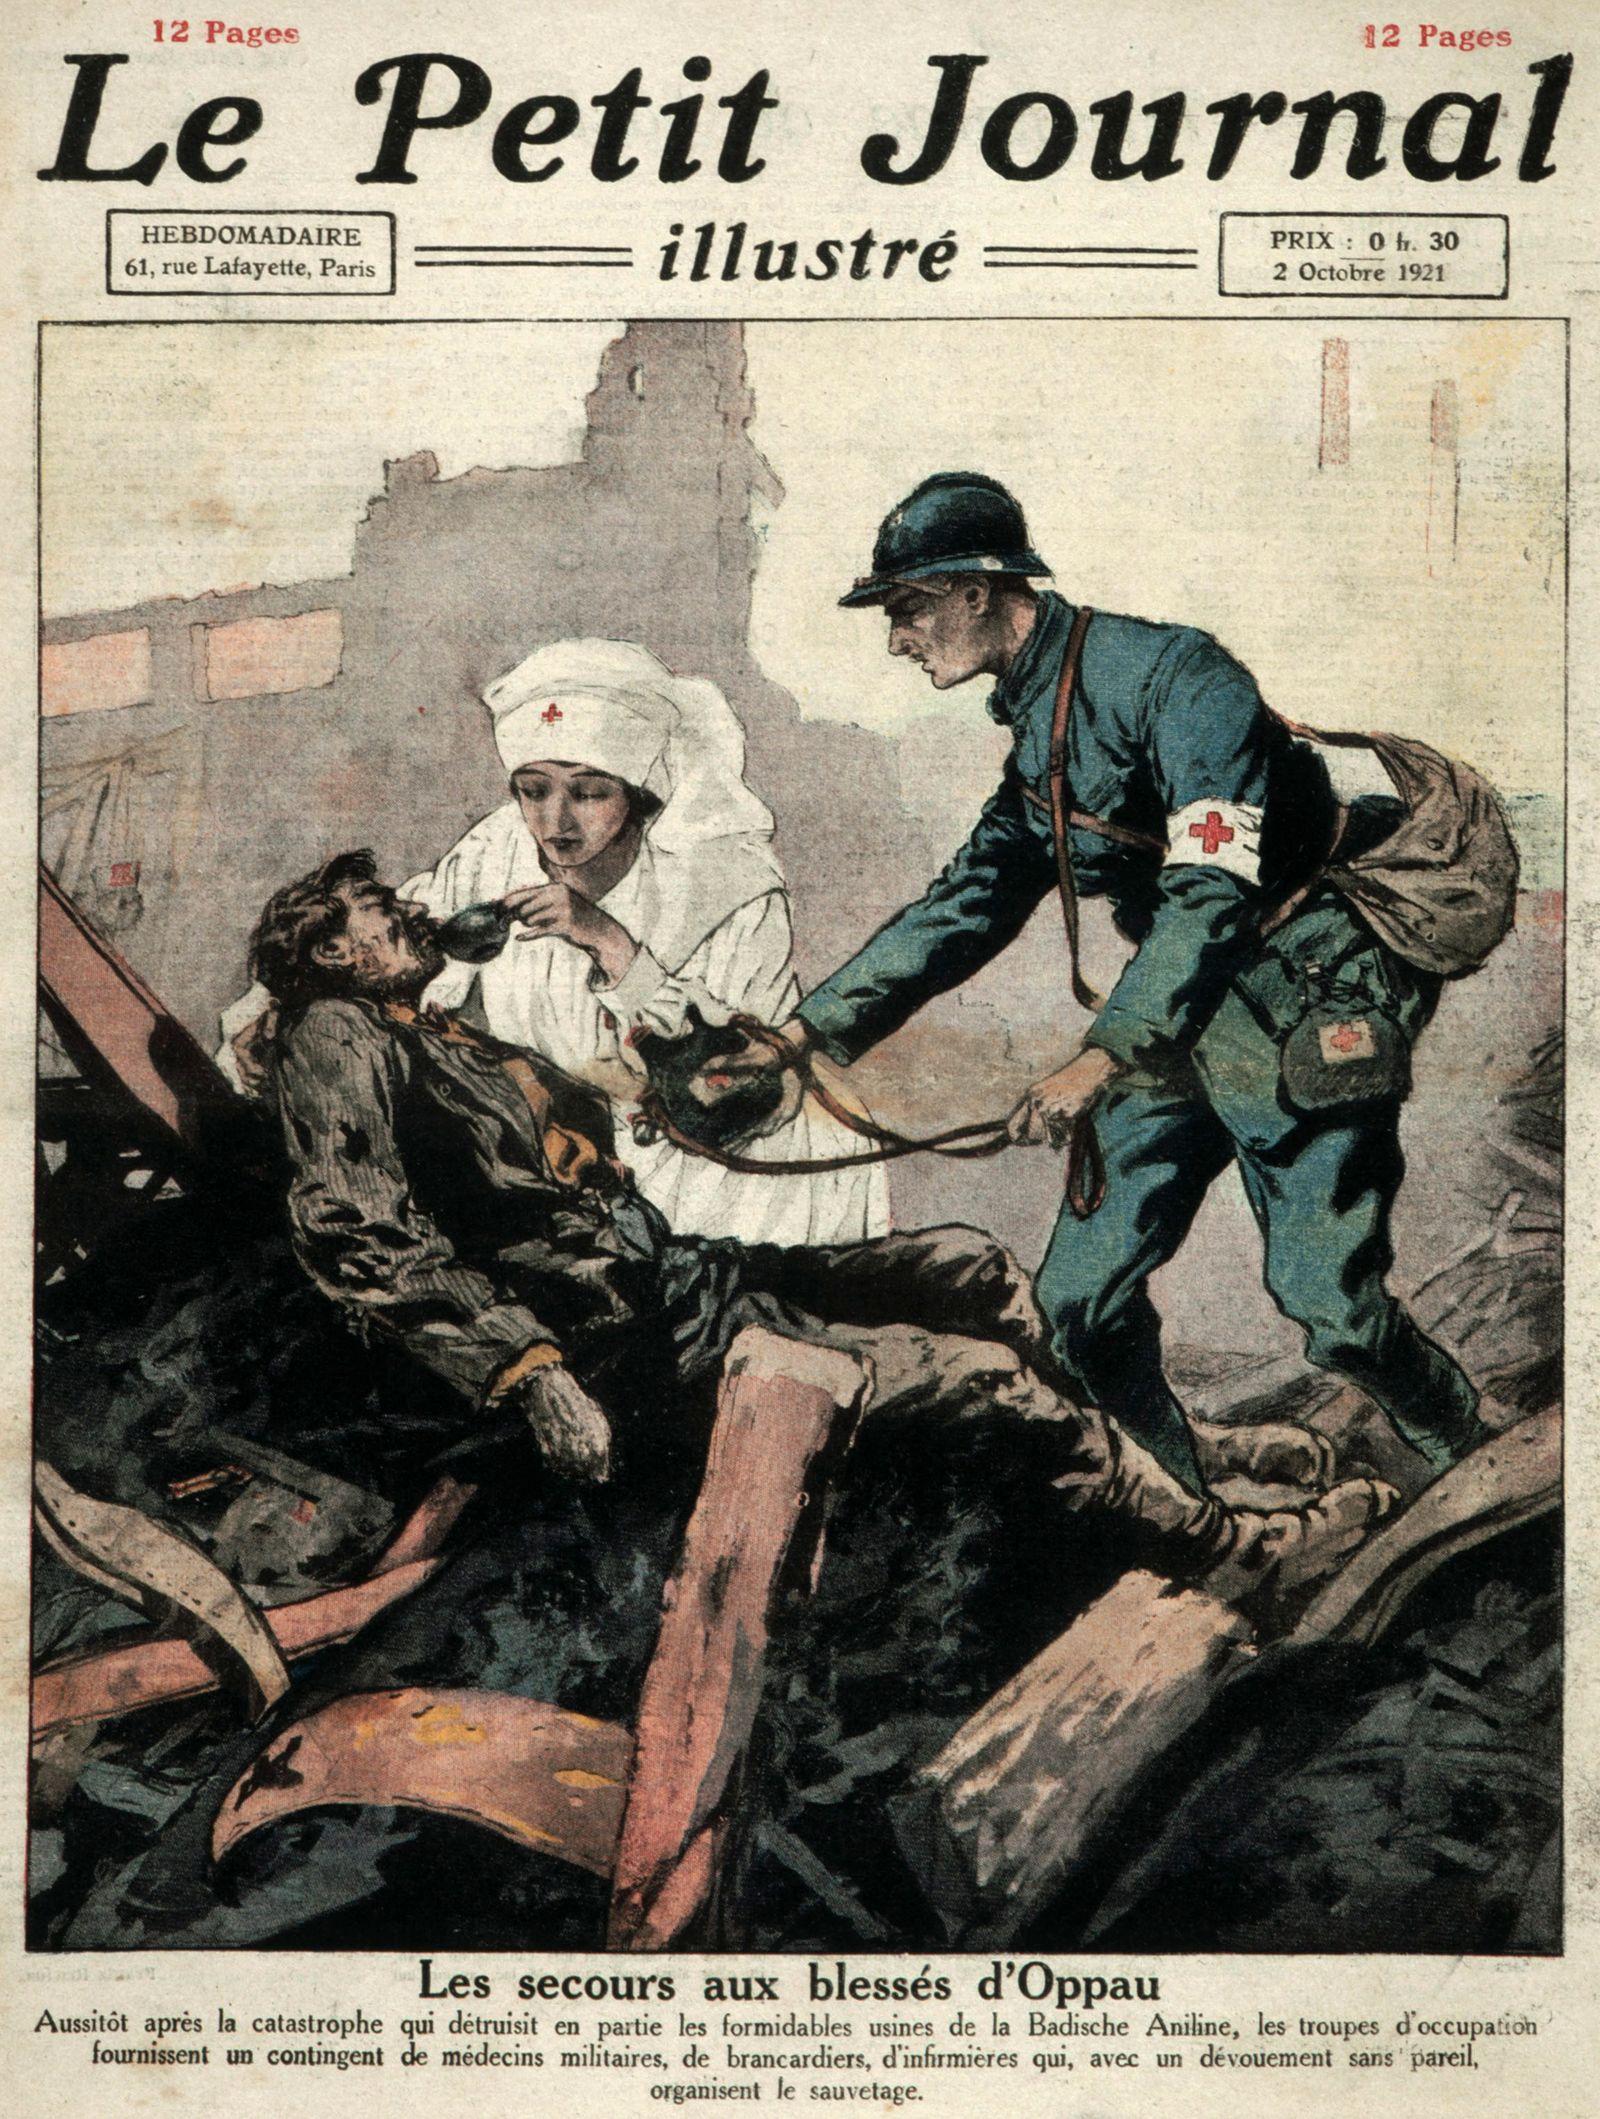 Usine Les secours aux blesses d Oppau : explosion d une usine chimique en Allemagne contenant 4000 tonnes de salpetres,